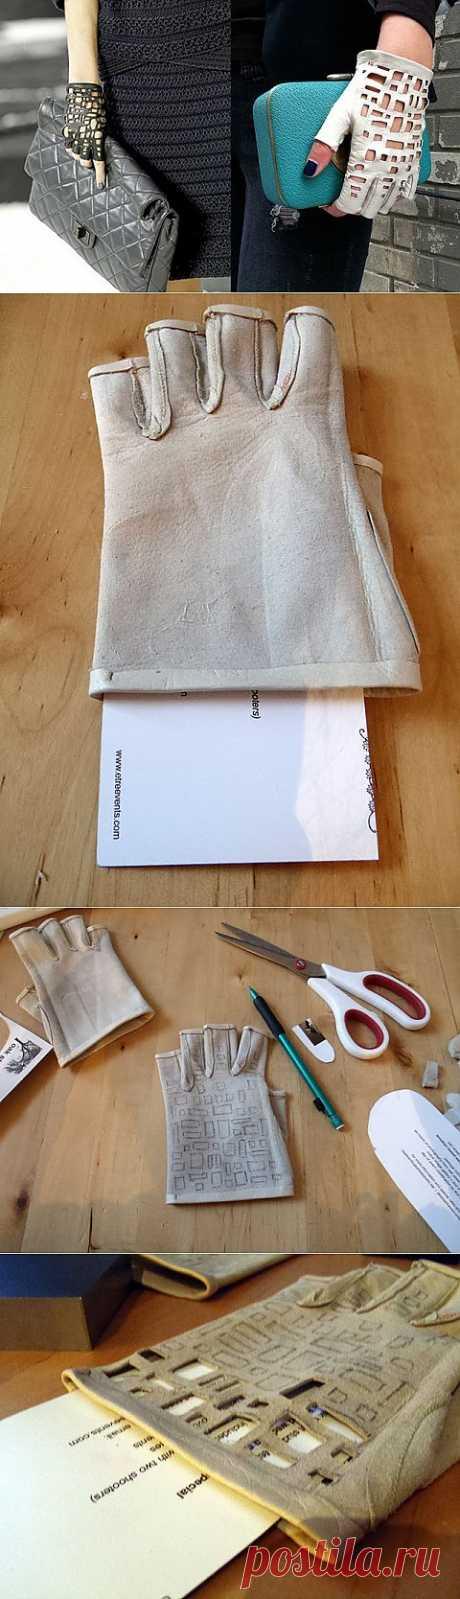 We alter gloves | HAIRPINS